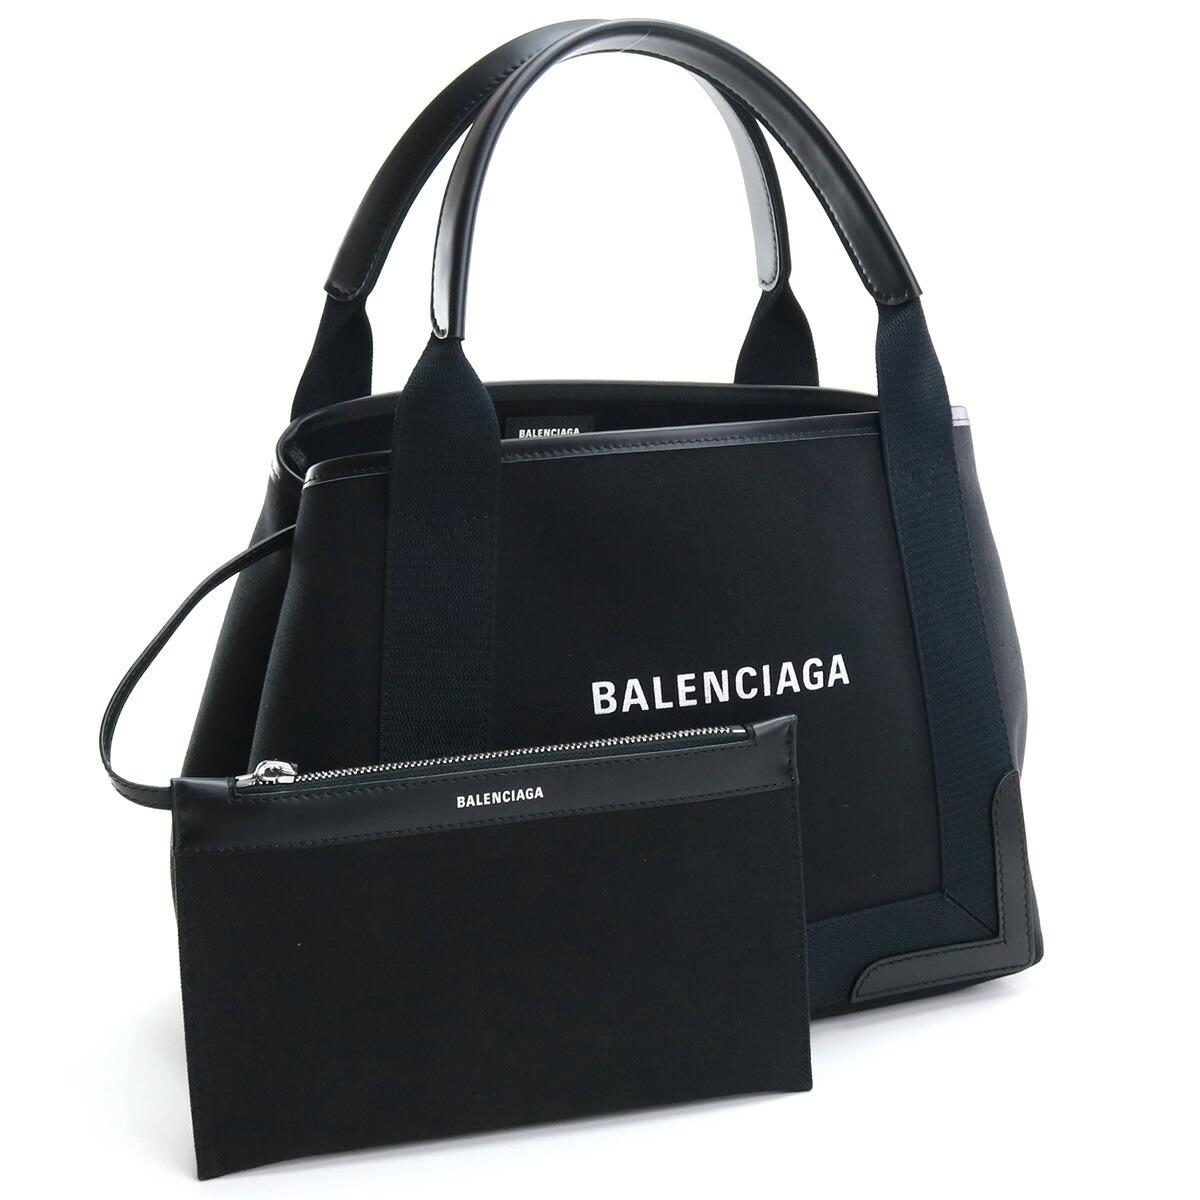 バレンシアガ BALENCIAGA  トートバッグ 339933 2HH3N 1000 ブラック bos-09 bag-01